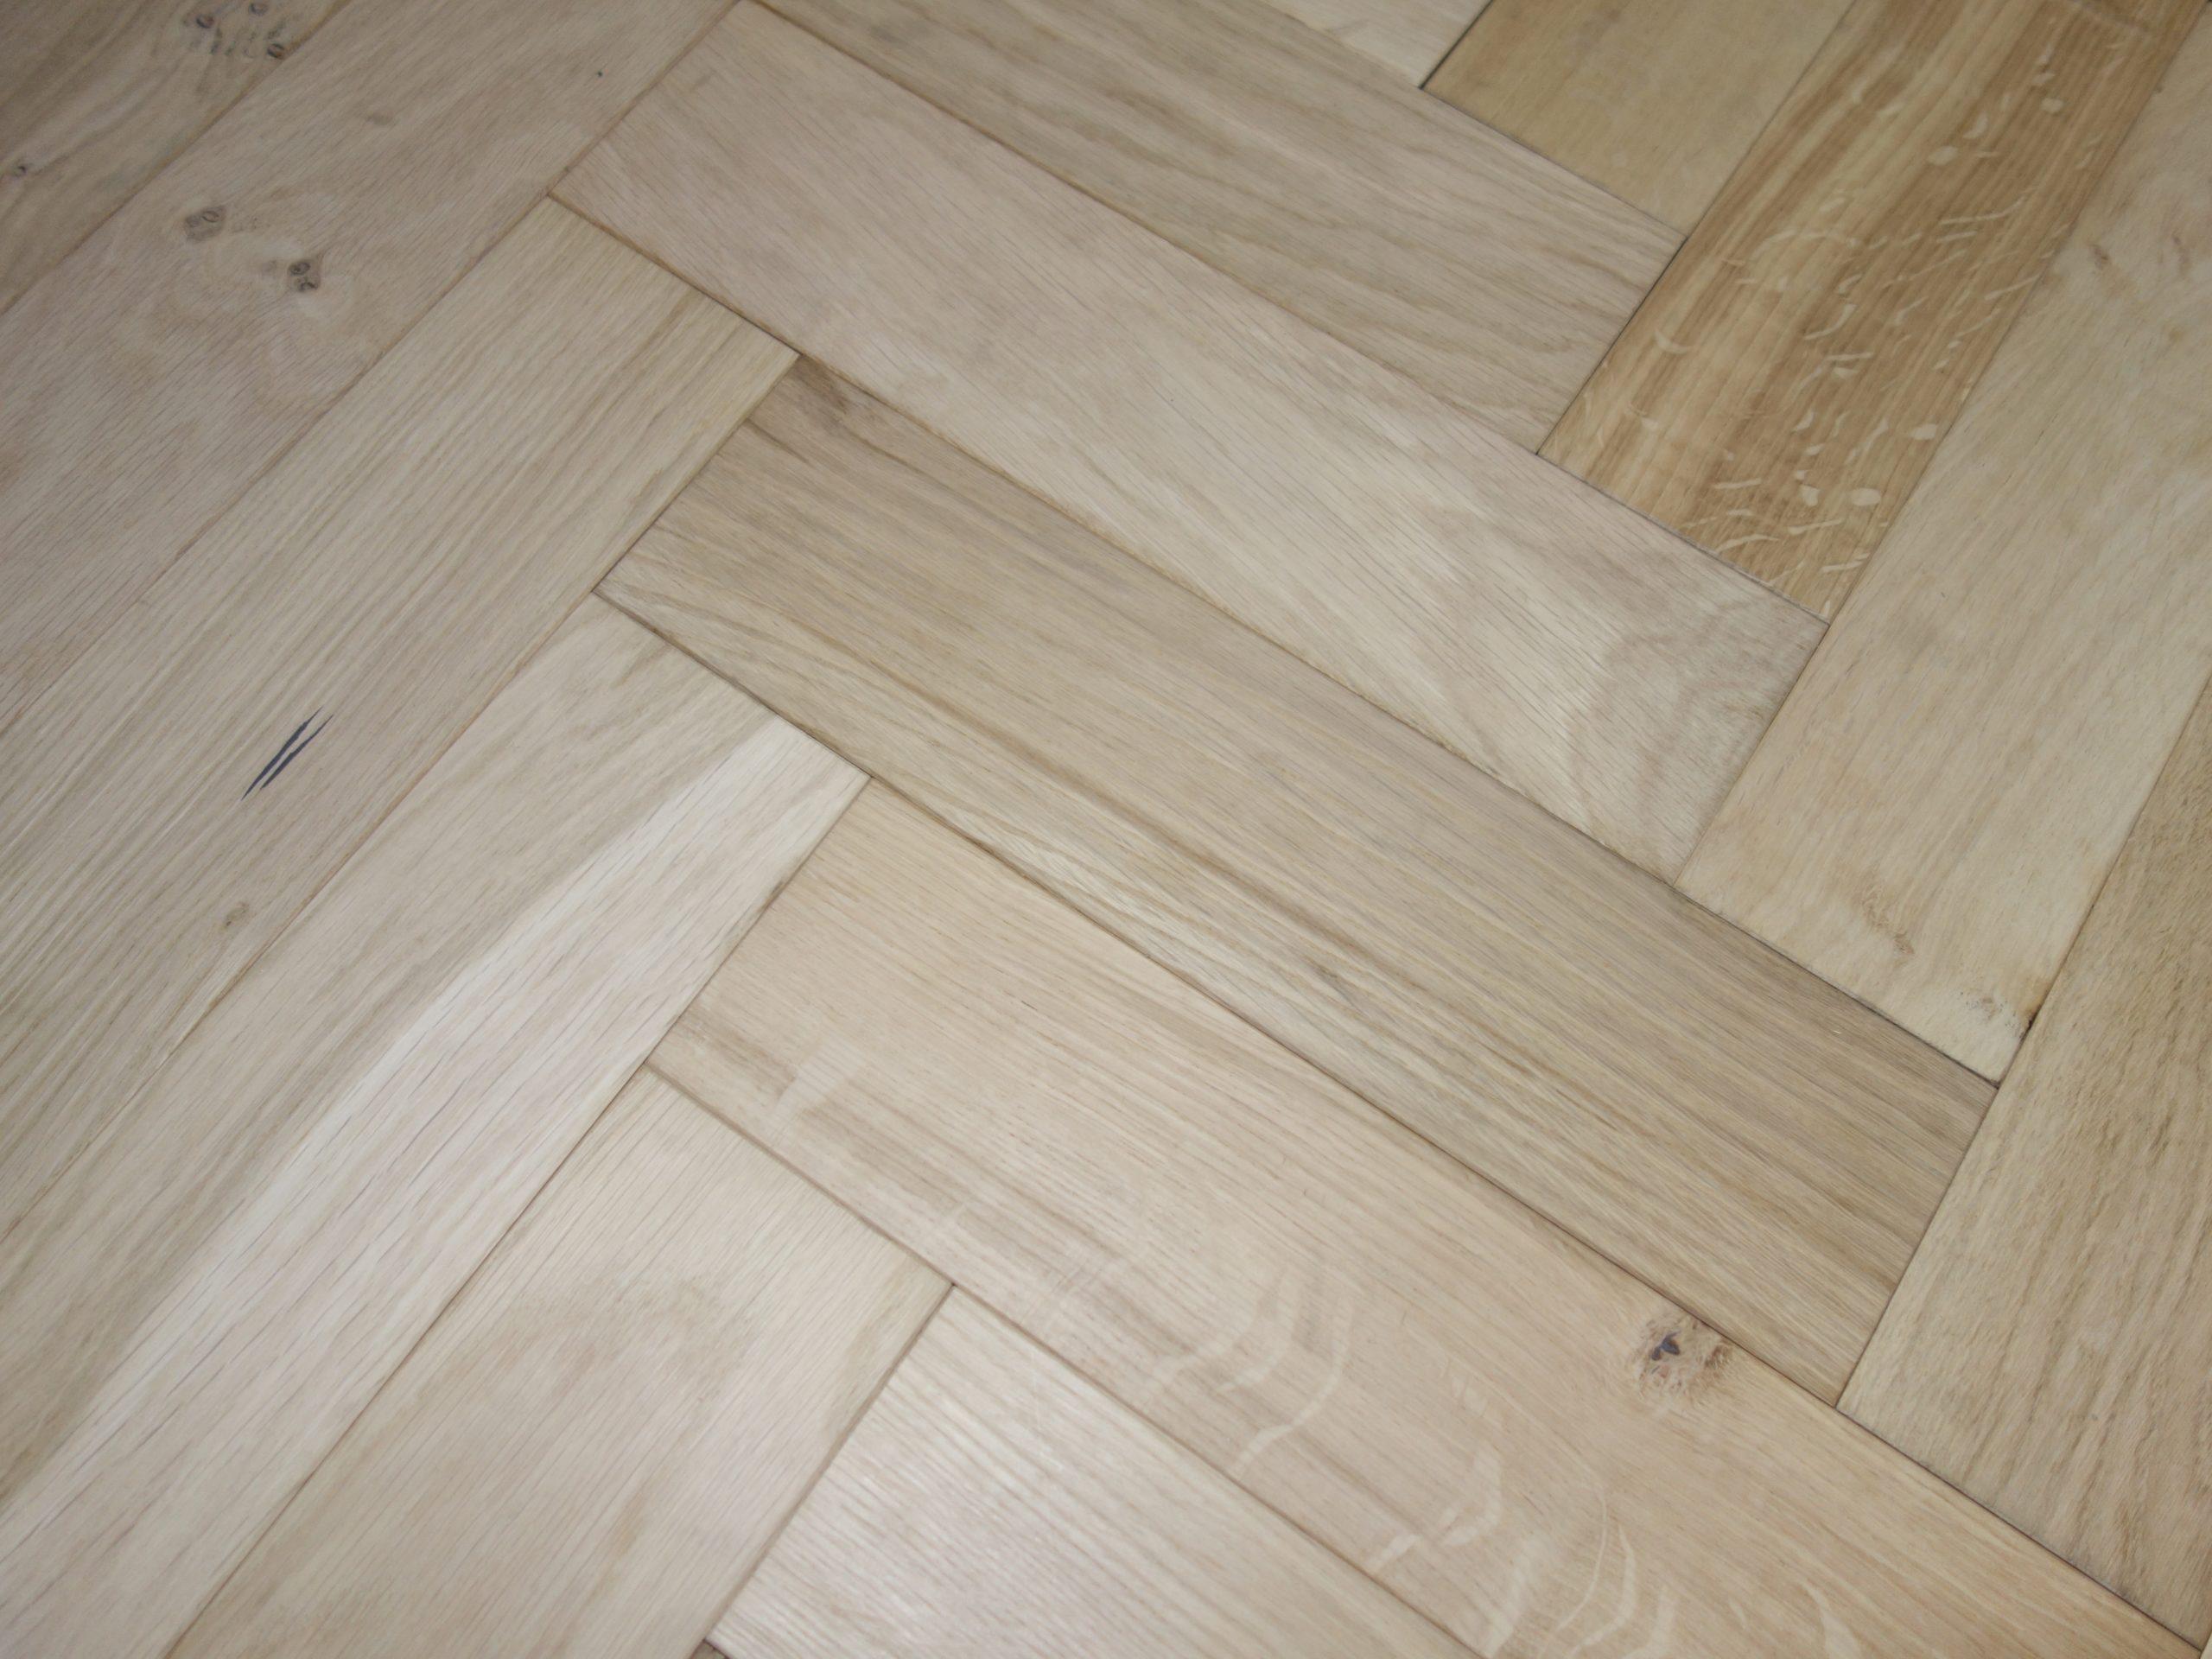 Secret: SP7 - Unfinished Oak - Oak Rustic Smooth Sanded Unfinished (15/4 x 90mm)-2968